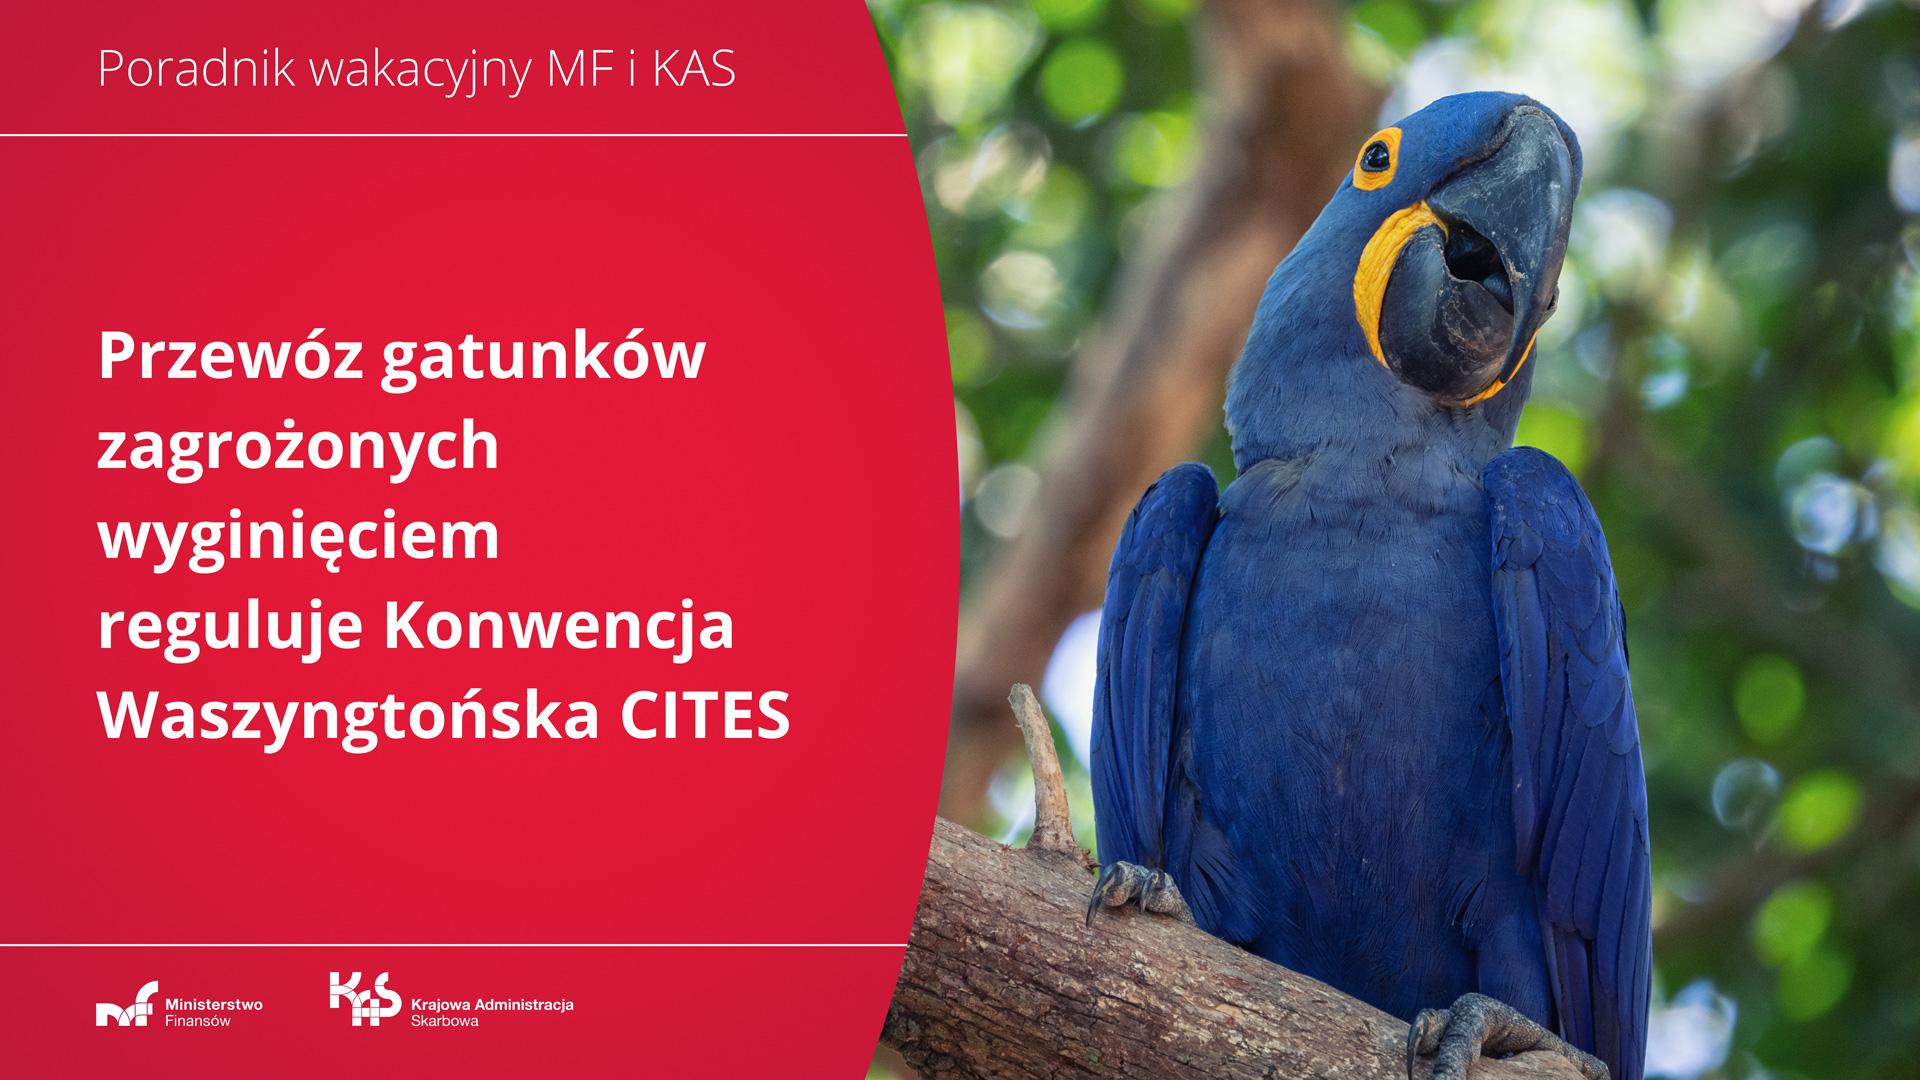 Papuga. Napis: Przewóz gatunków zagrożonych wyginięciem reguluje Konwencja Waszyngtońska CITES.